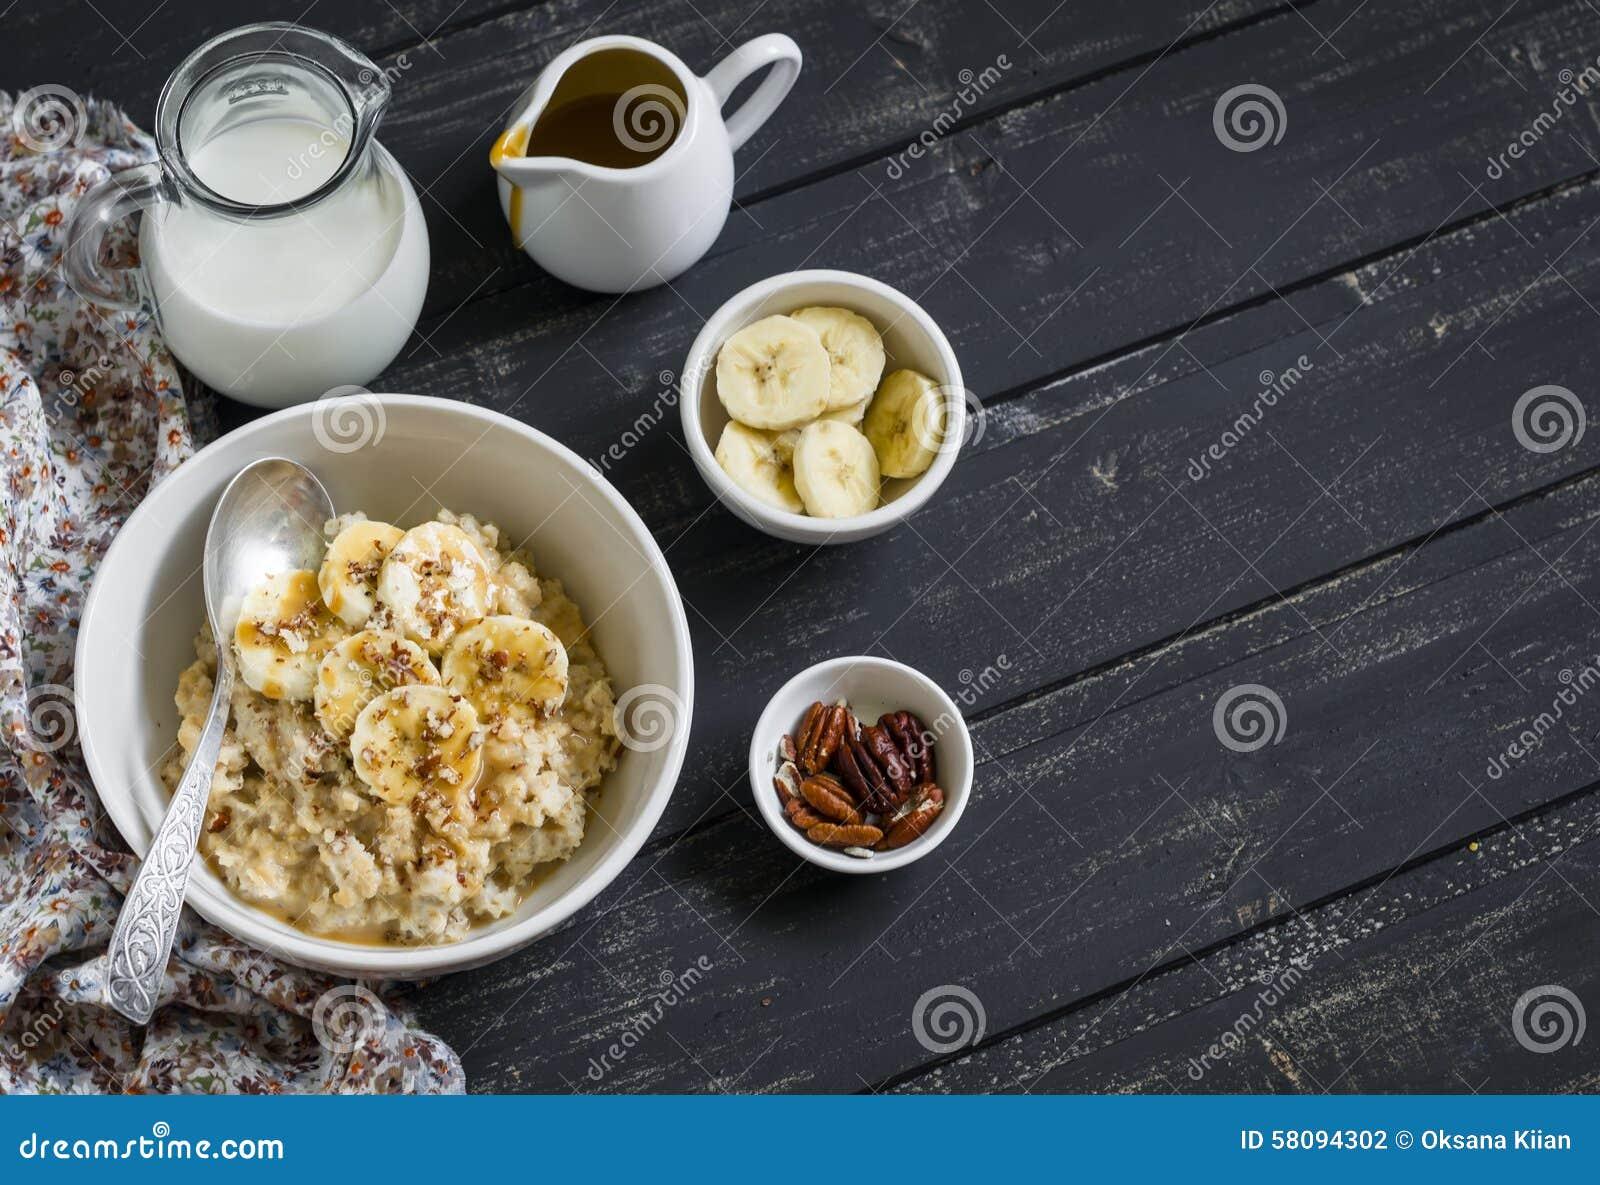 Farina d avena con la banana, la salsa del caramello e le noci americane in una ciotola bianca su una superficie di legno scura